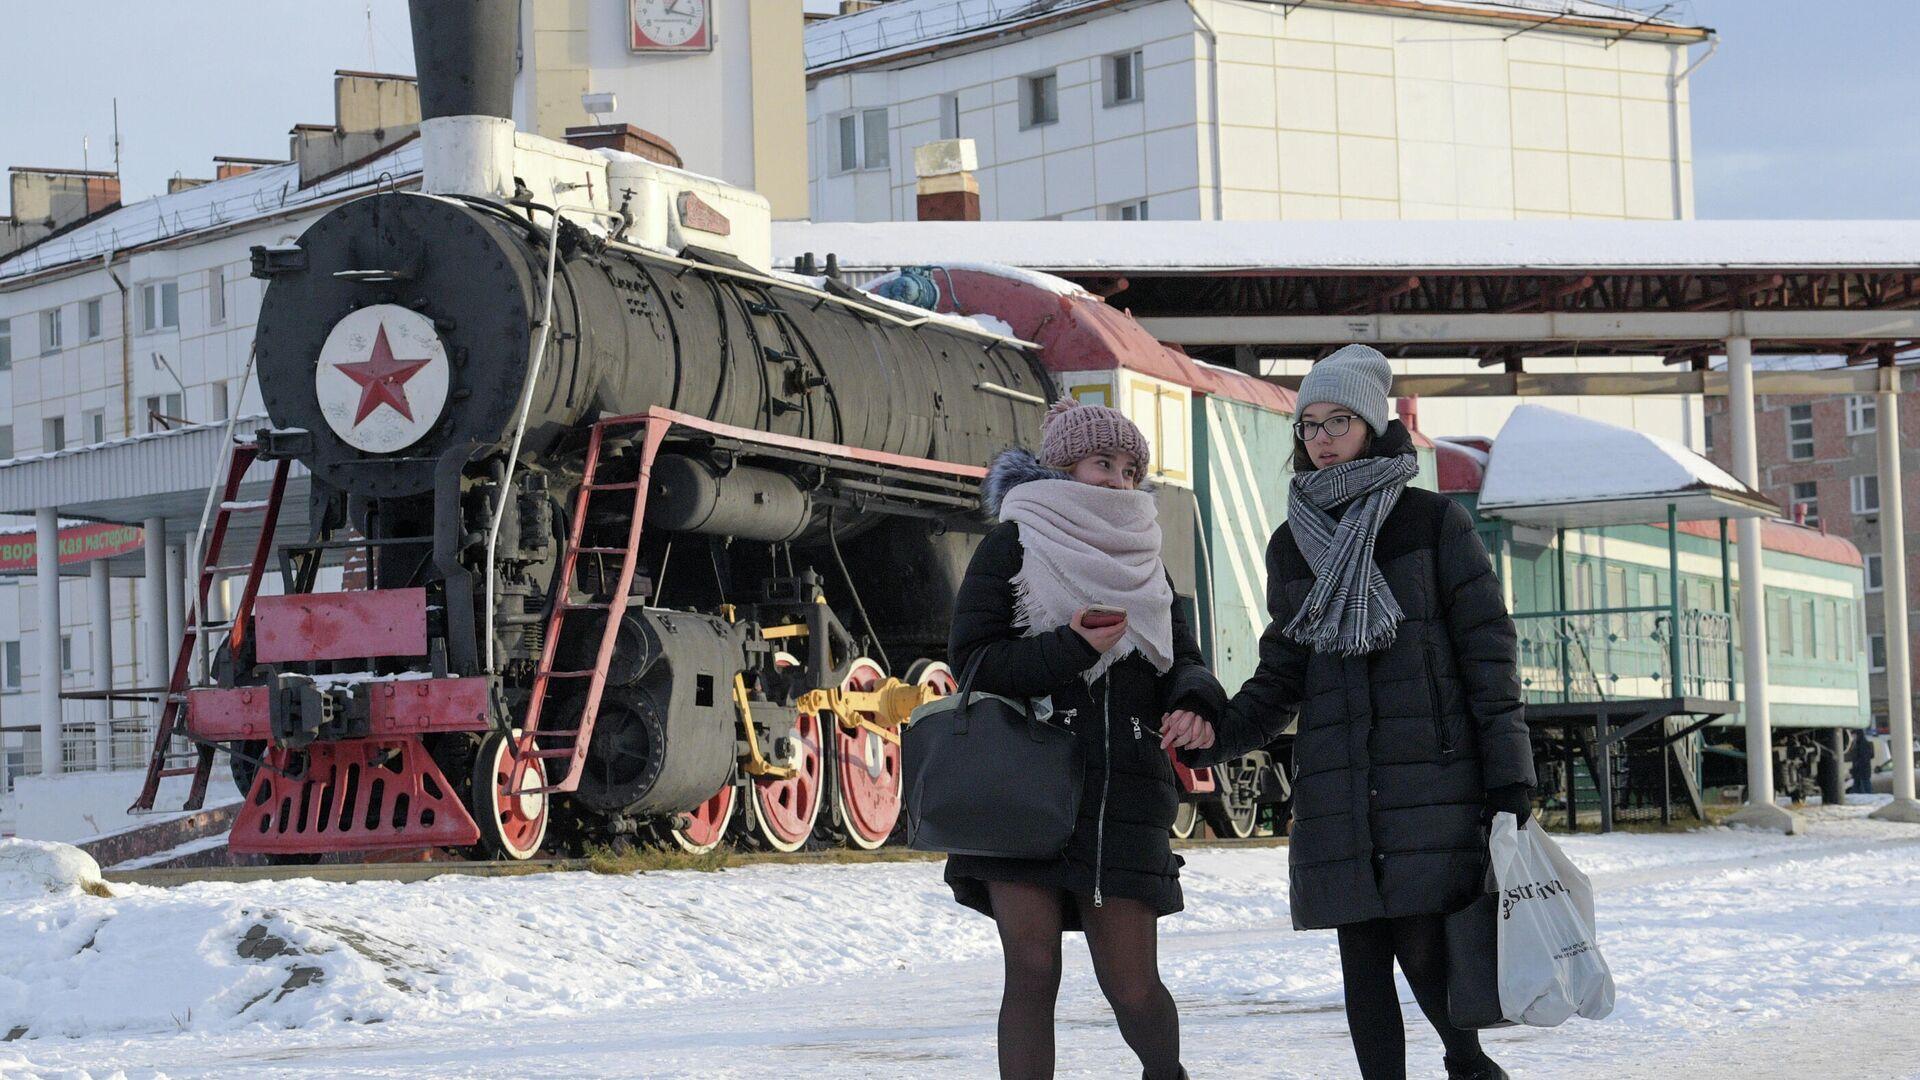 Памятник паровозу серии Л в Урайске - РИА Новости, 1920, 03.12.2020